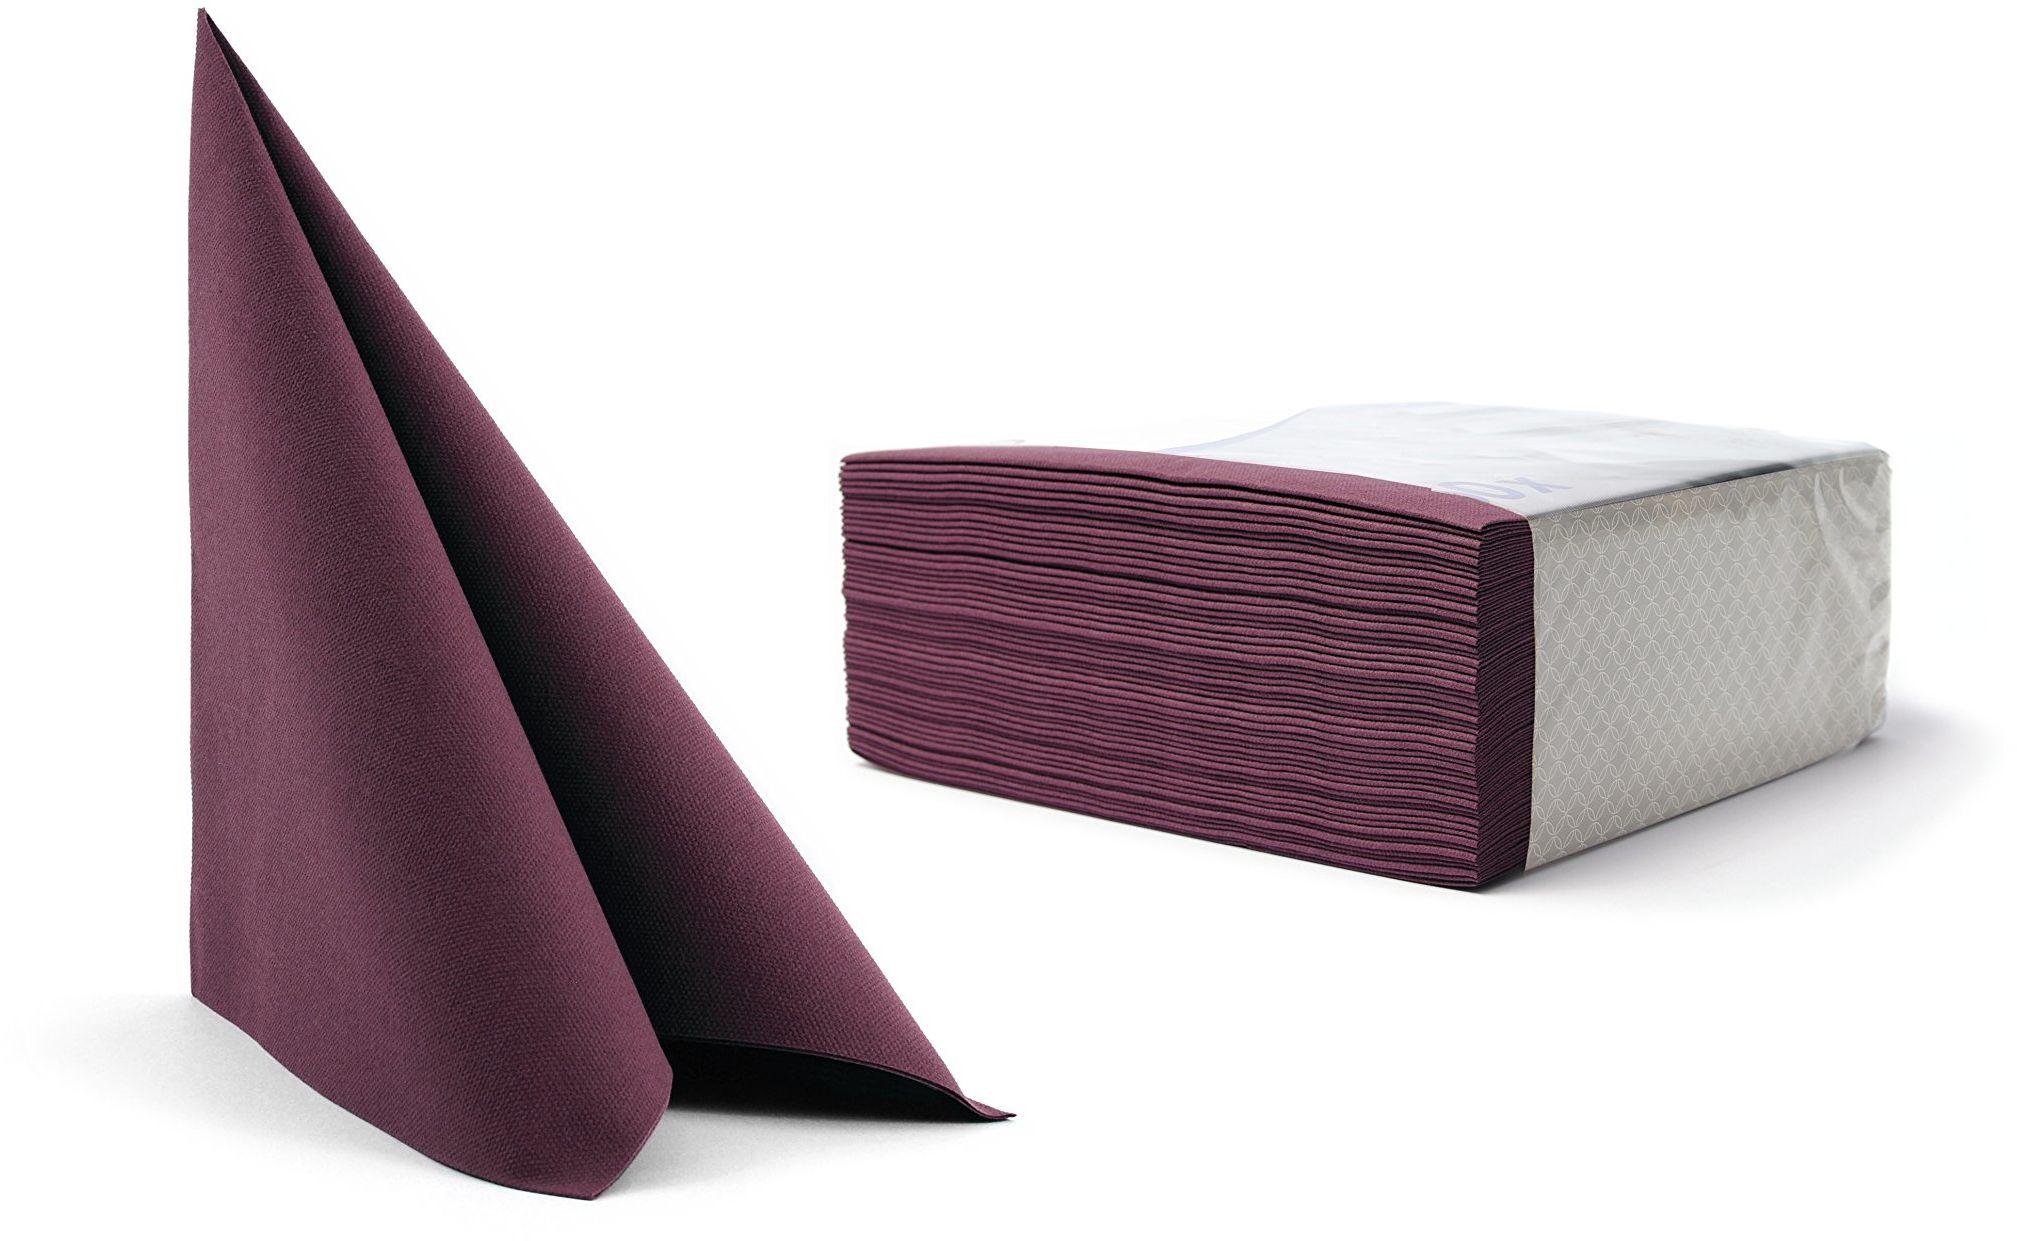 Alvotex CHIC Airlaid 50 serwetek, podobny do materiału, wysokiej jakości, serwetki jednorazowe, fioletowe, 40 x 40 cm